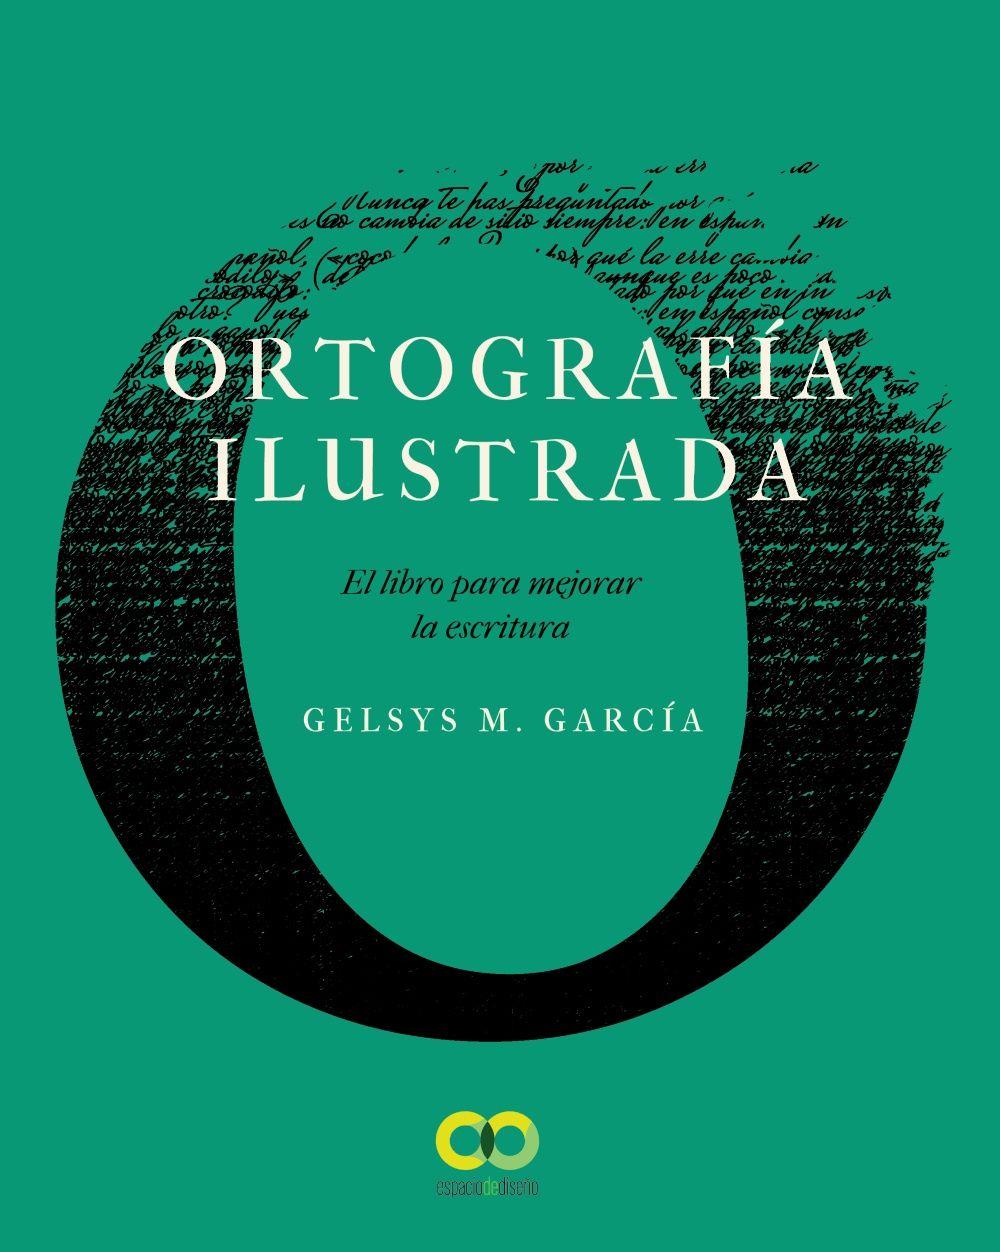 ORTOGRAFÍA ILUSTRADA.